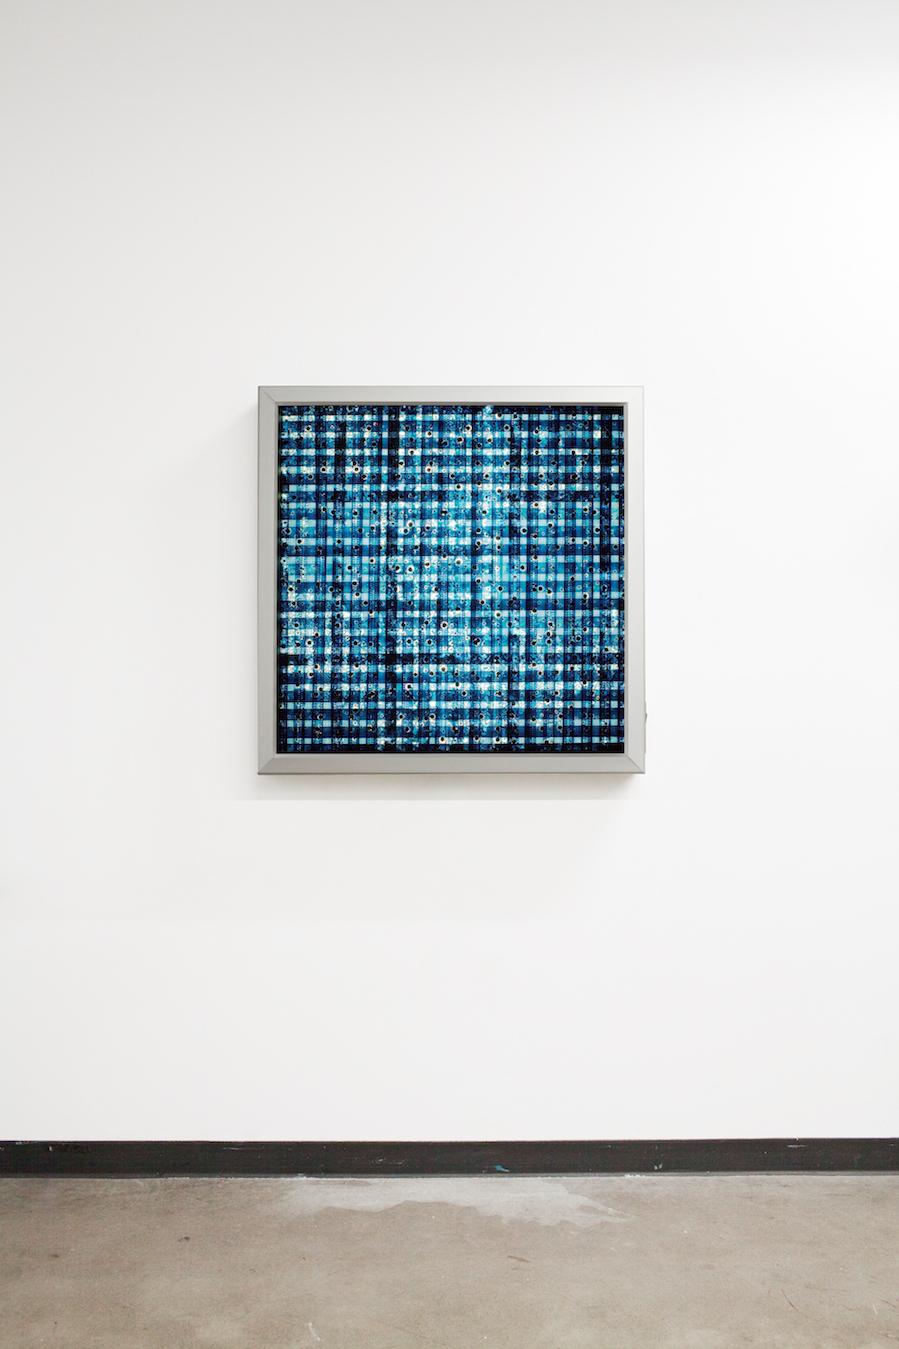 Drill Blue (Woven). 35mm Celluloid Film, Fluorescent Lights, Custom Lightbox. 30x30x6. Richard Kerr. 2016.